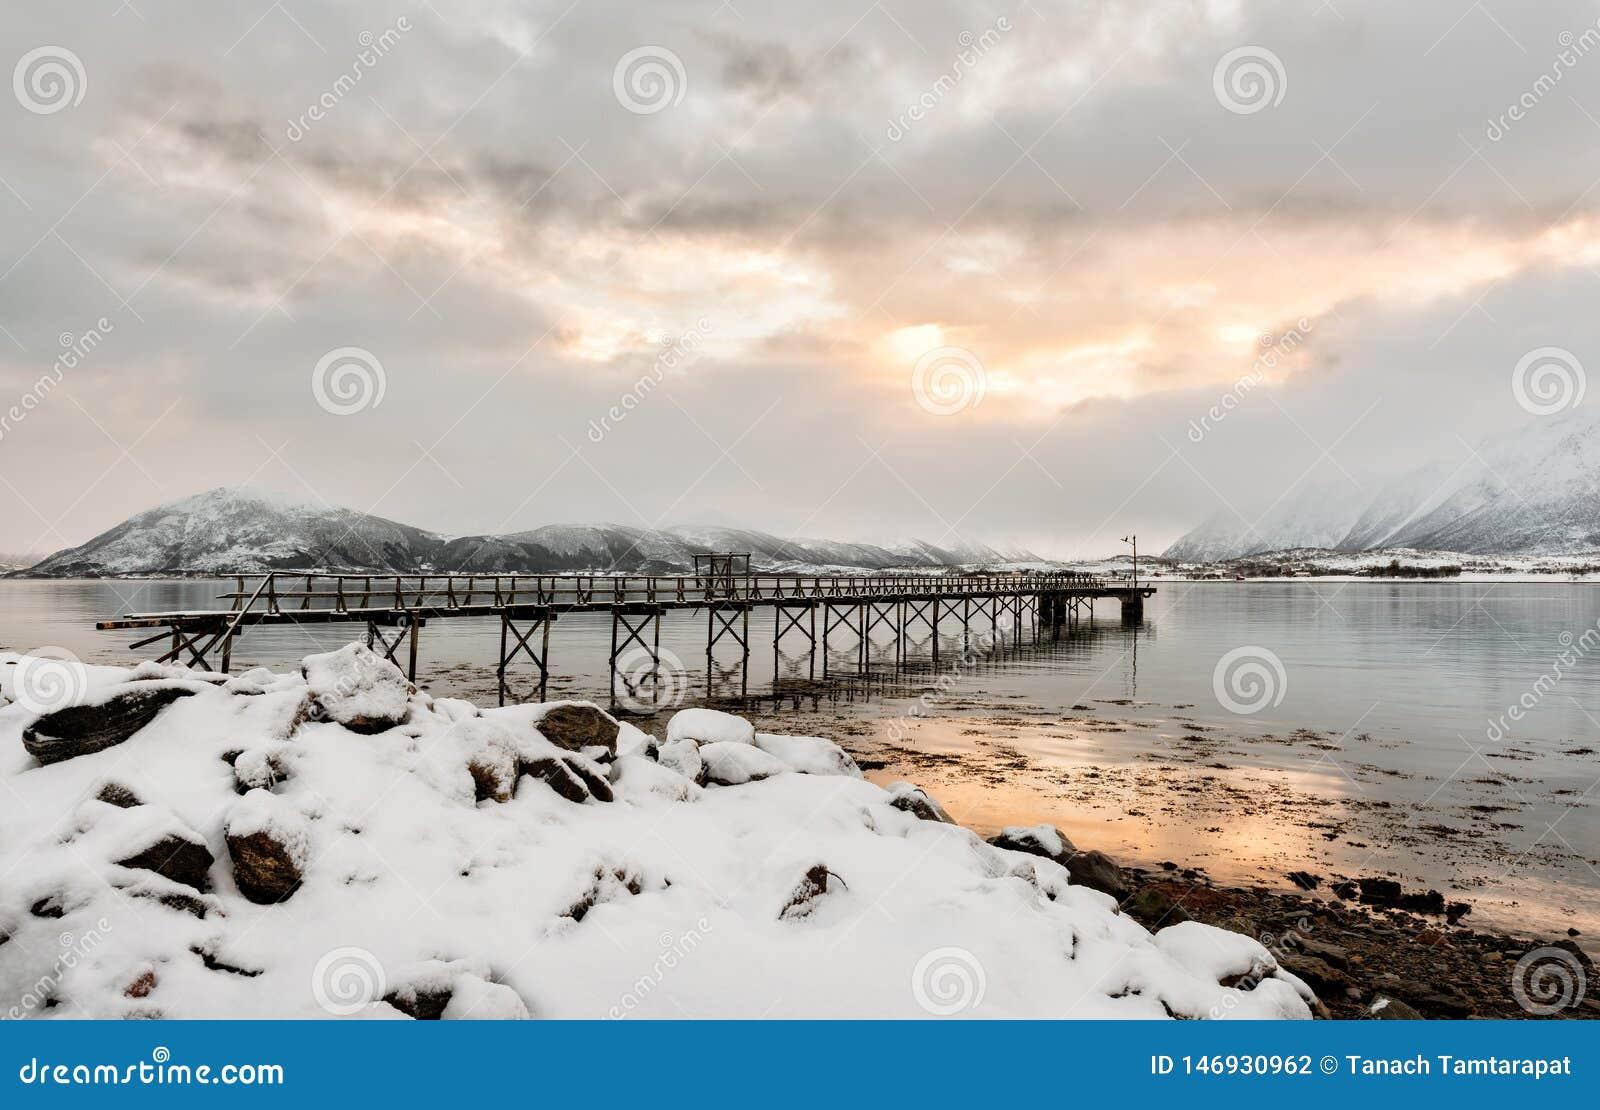 Le pont en fer dépasse dans la mer